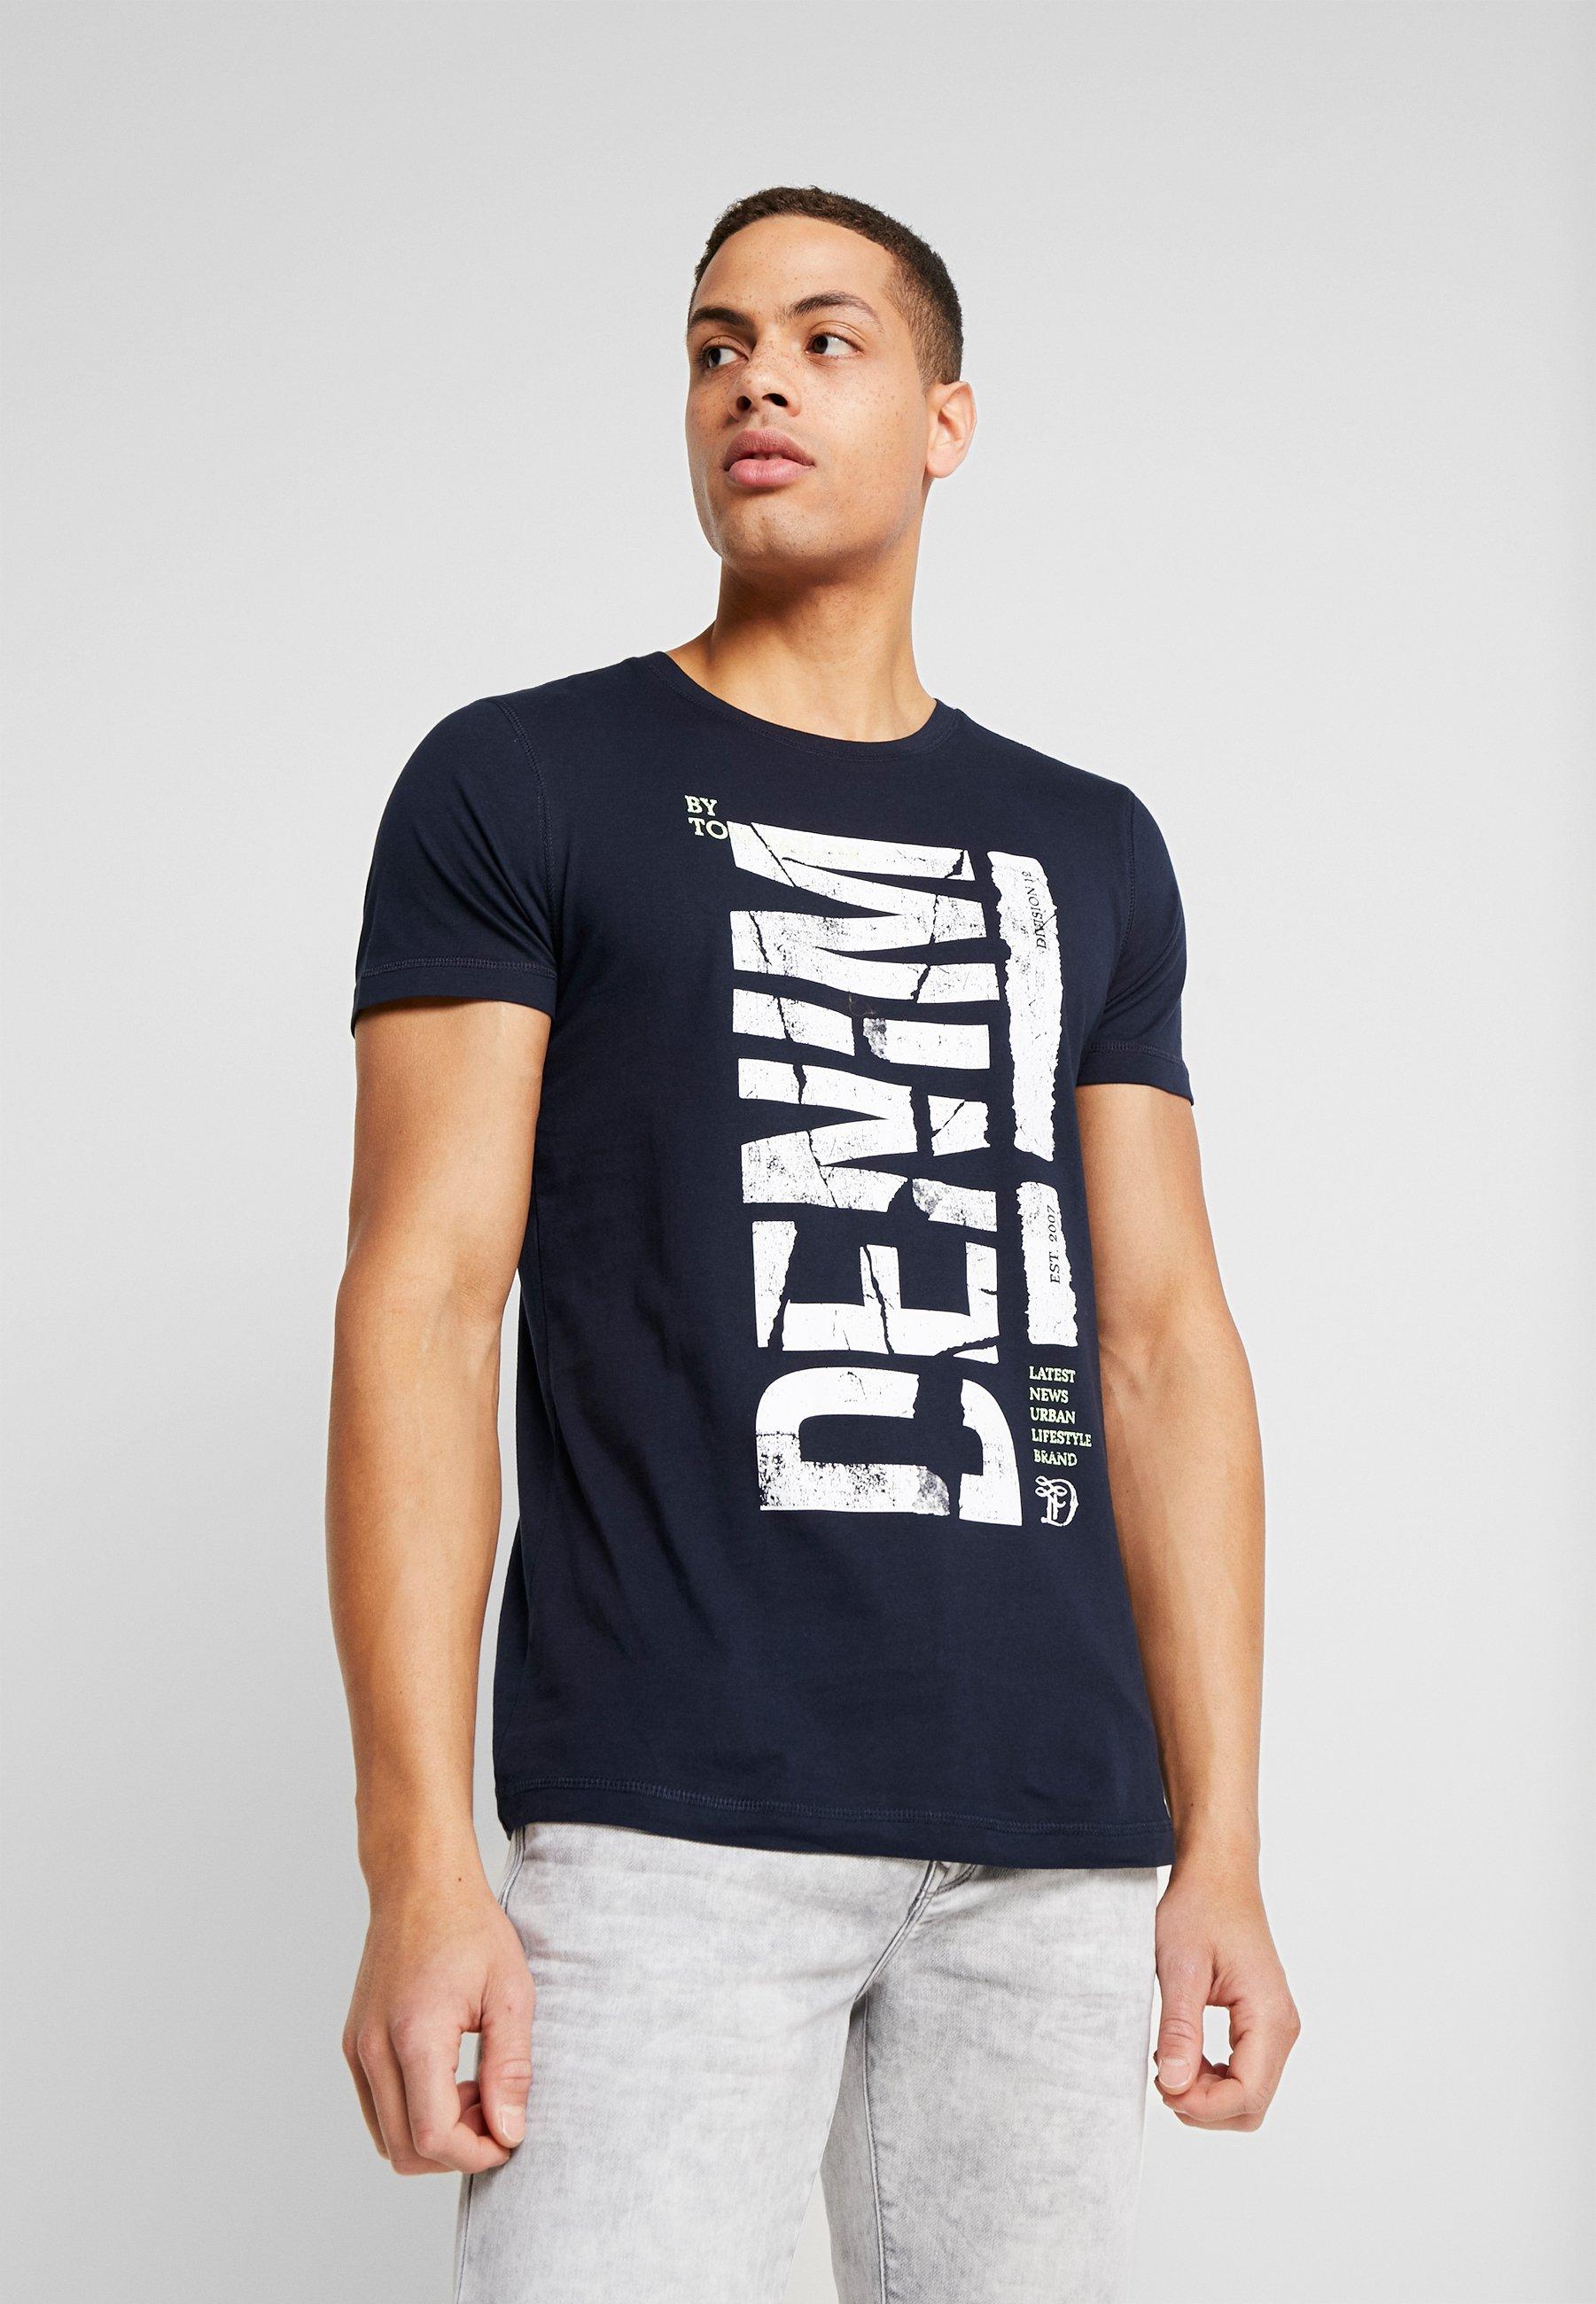 TOM TAILOR DENIM STRUCTURED FOTOPRINT - T-shirts med print - sky captain blue